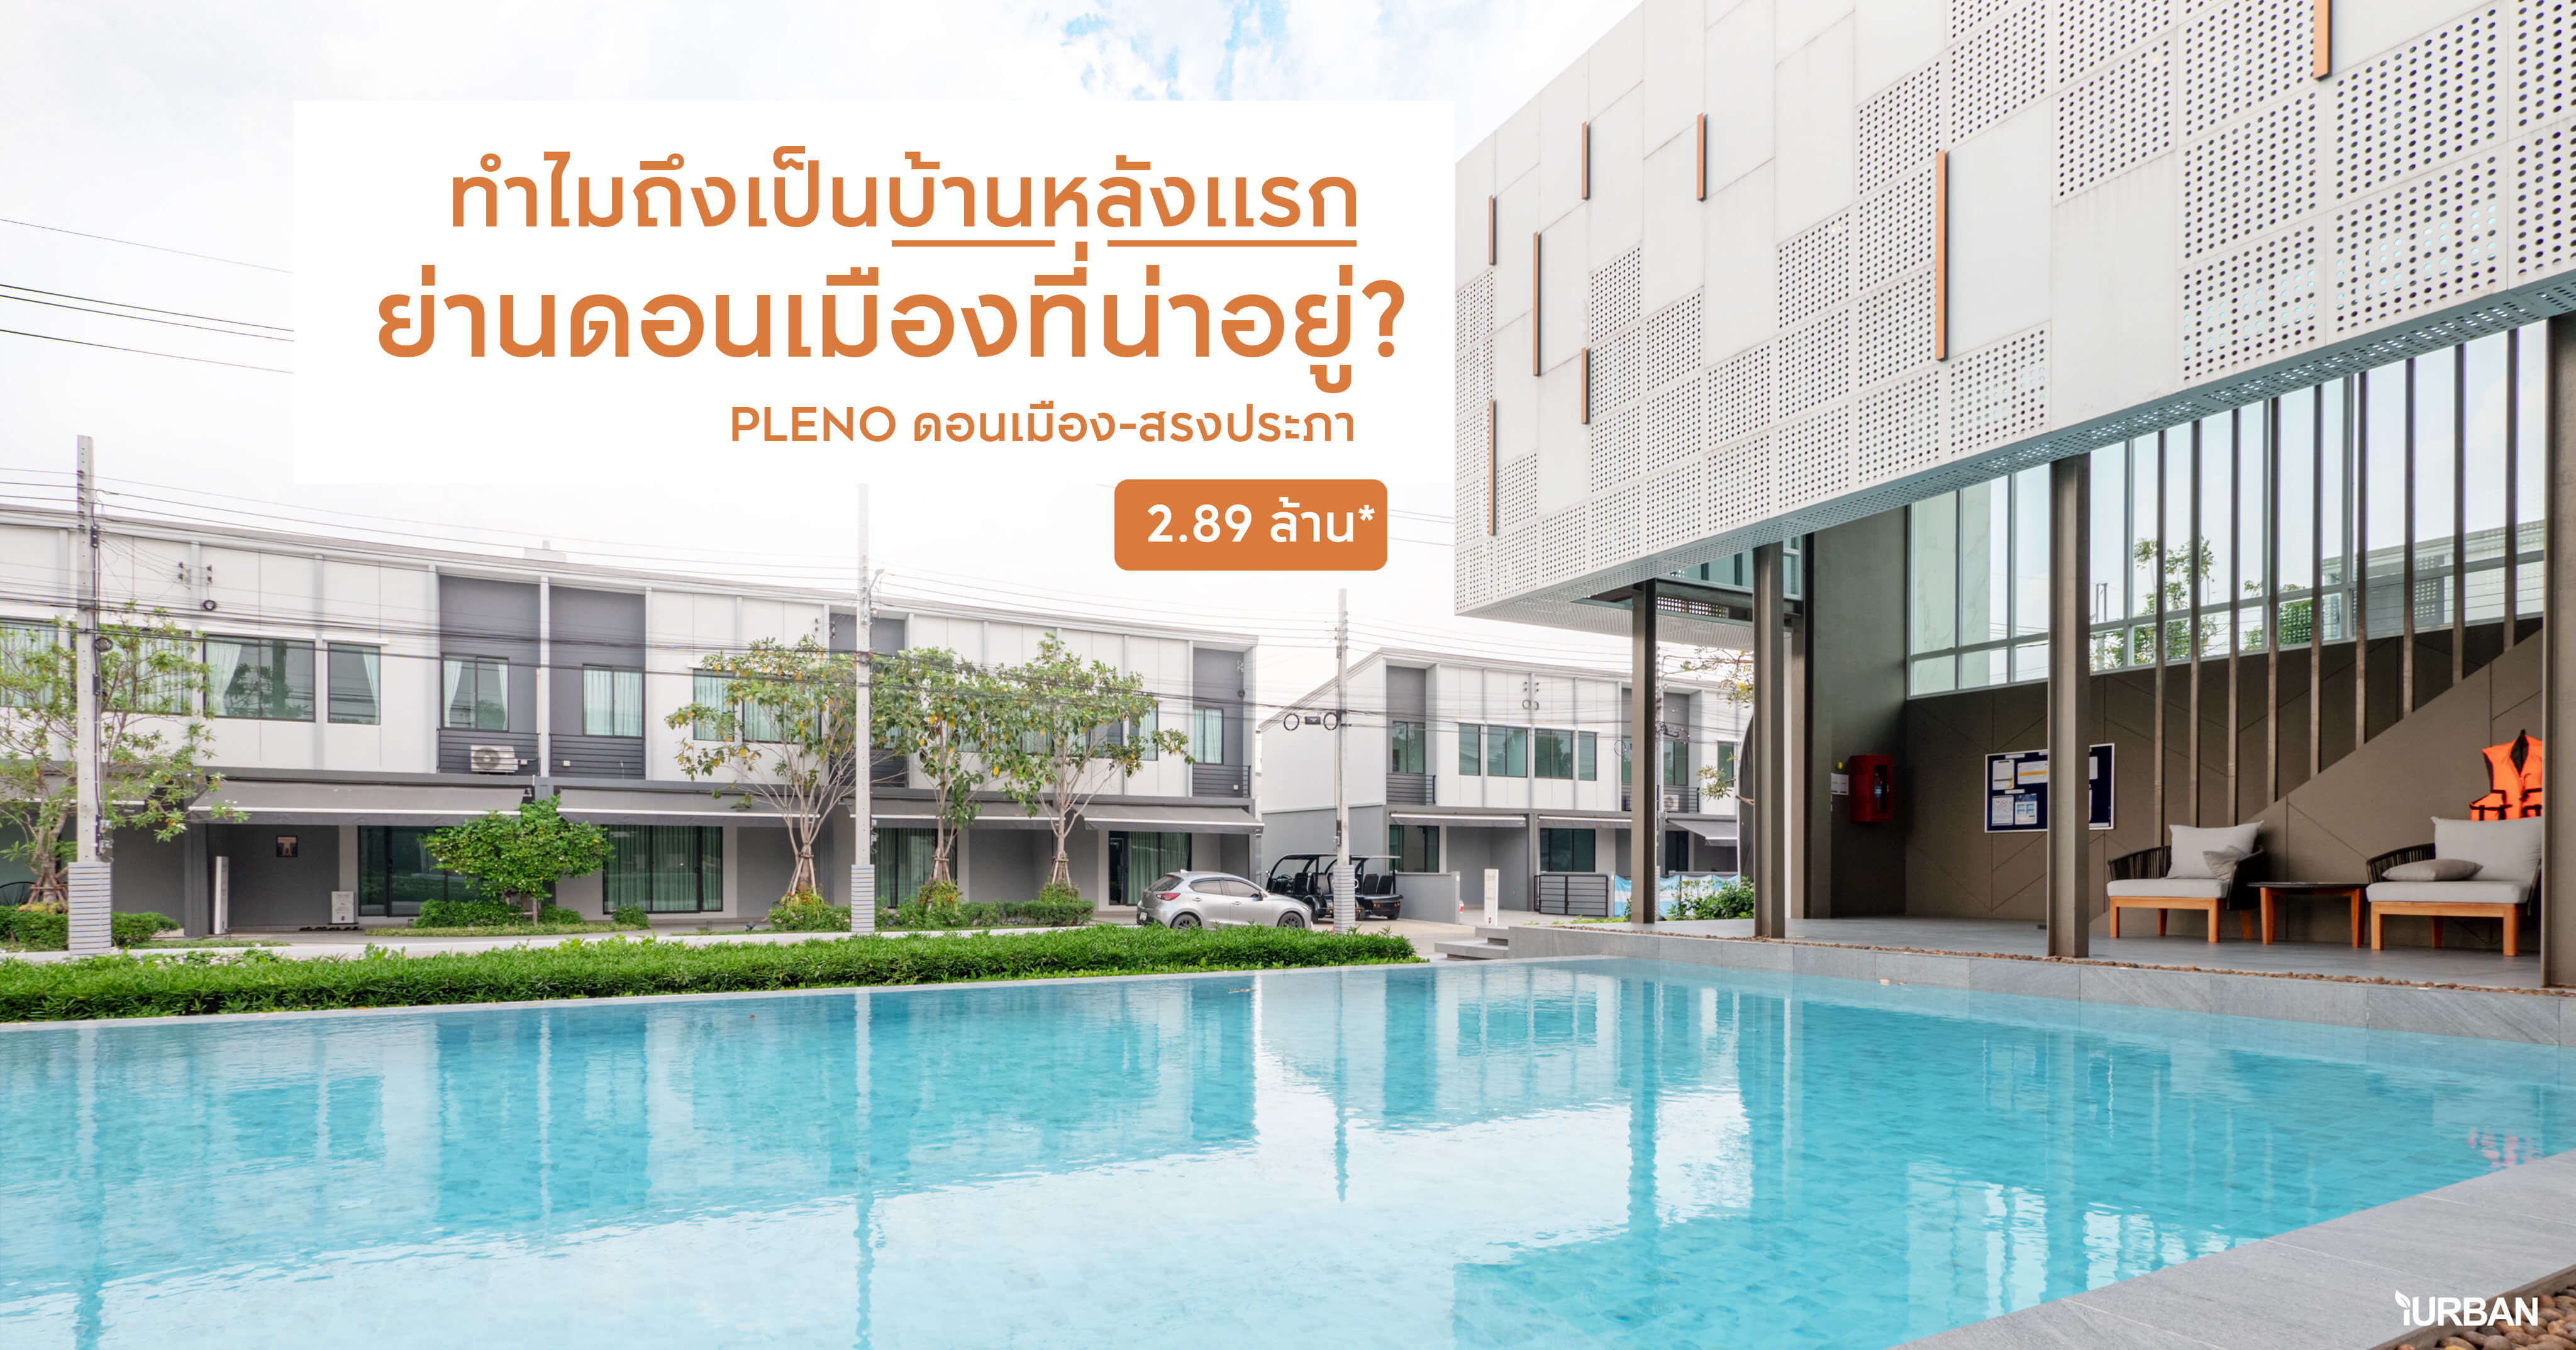 ชมบ้านจริง PLENO ดอนเมือง-สรงประภา พรีเมียมทาวน์โฮมคุ้มราคา ยกระดับทุกชีวิต ทำเลชิดรถไฟฟ้า 13 - AP (Thailand) - เอพี (ไทยแลนด์)